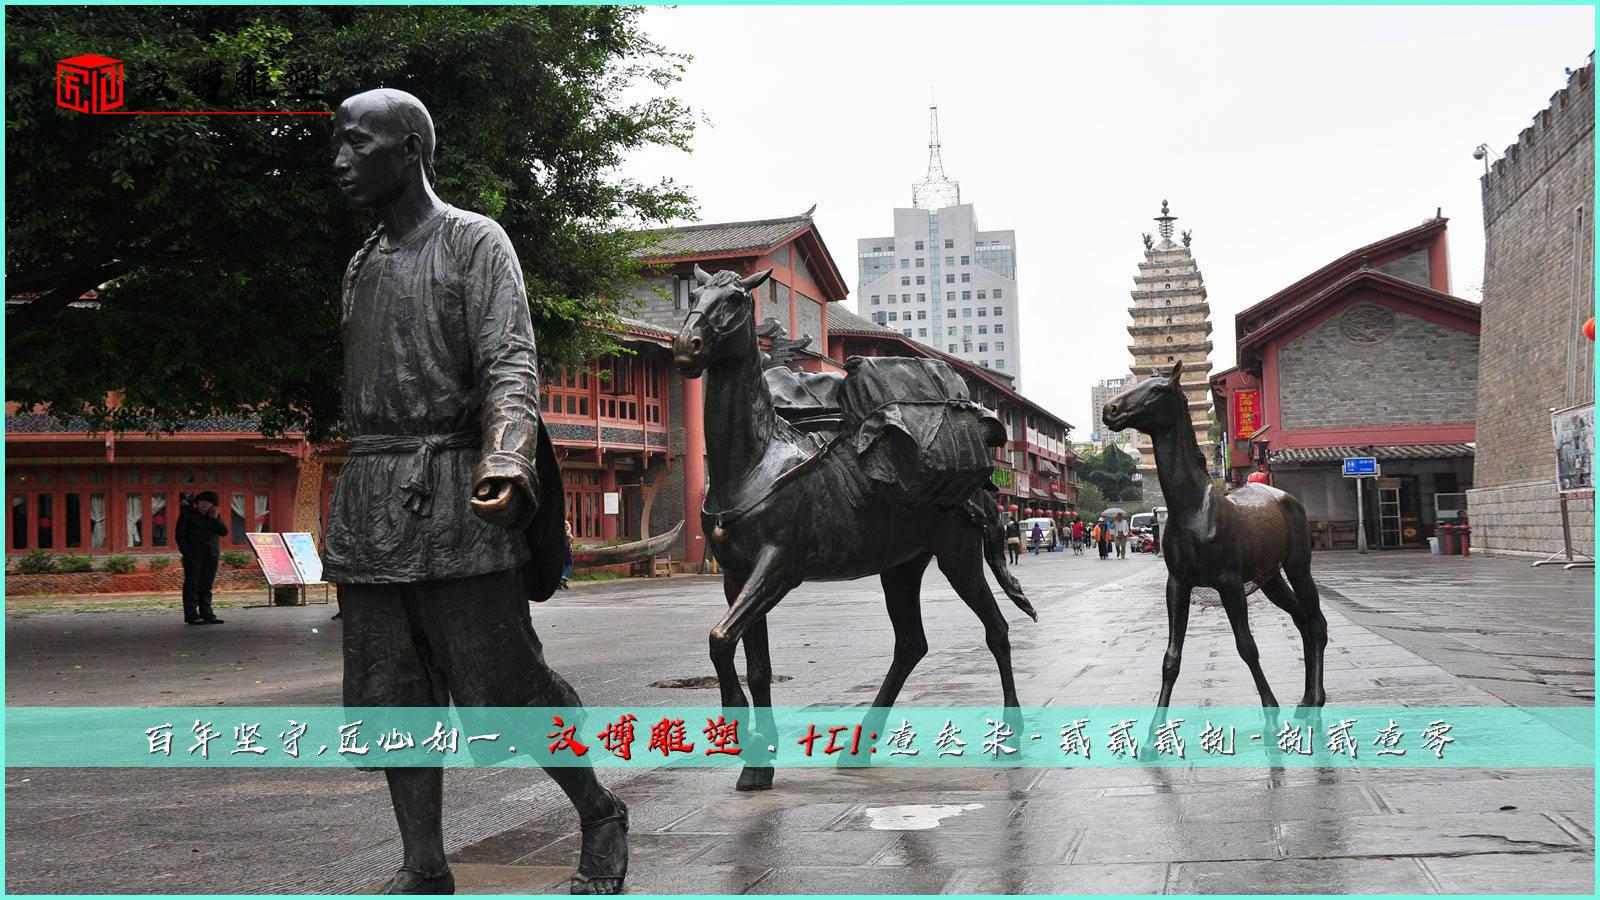 古街主题文化雕塑 历史文化名城的象征